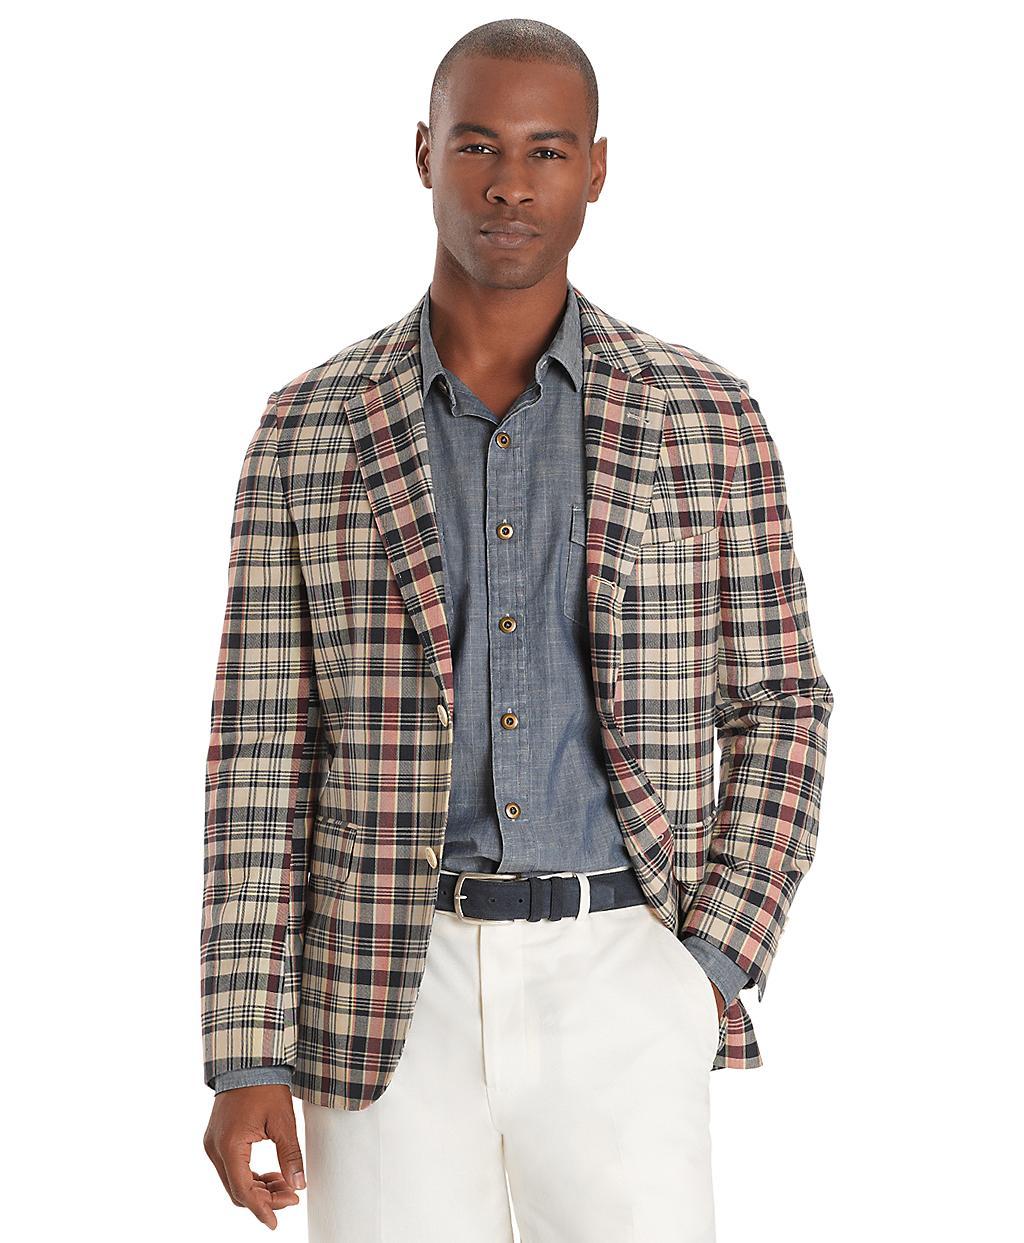 How Should A Suit Fit? - Men's Clothing Fit Guide